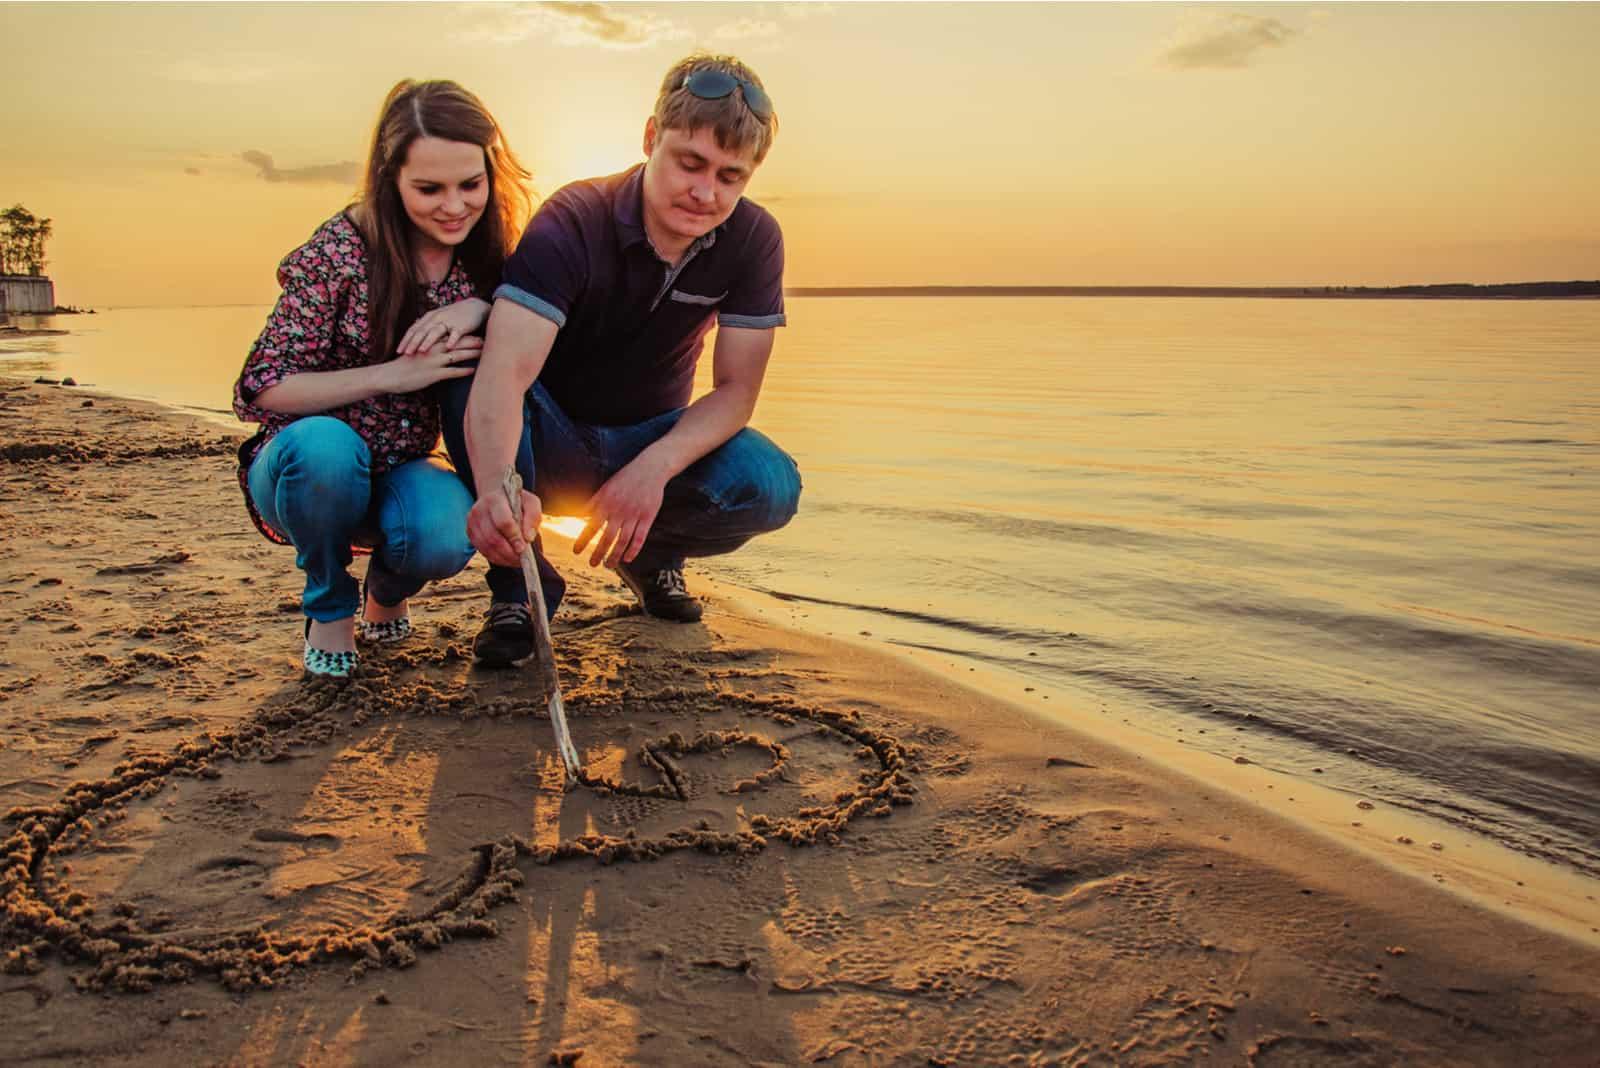 Ein verliebtes Paar zieht ein Herz an einen Sandstrand